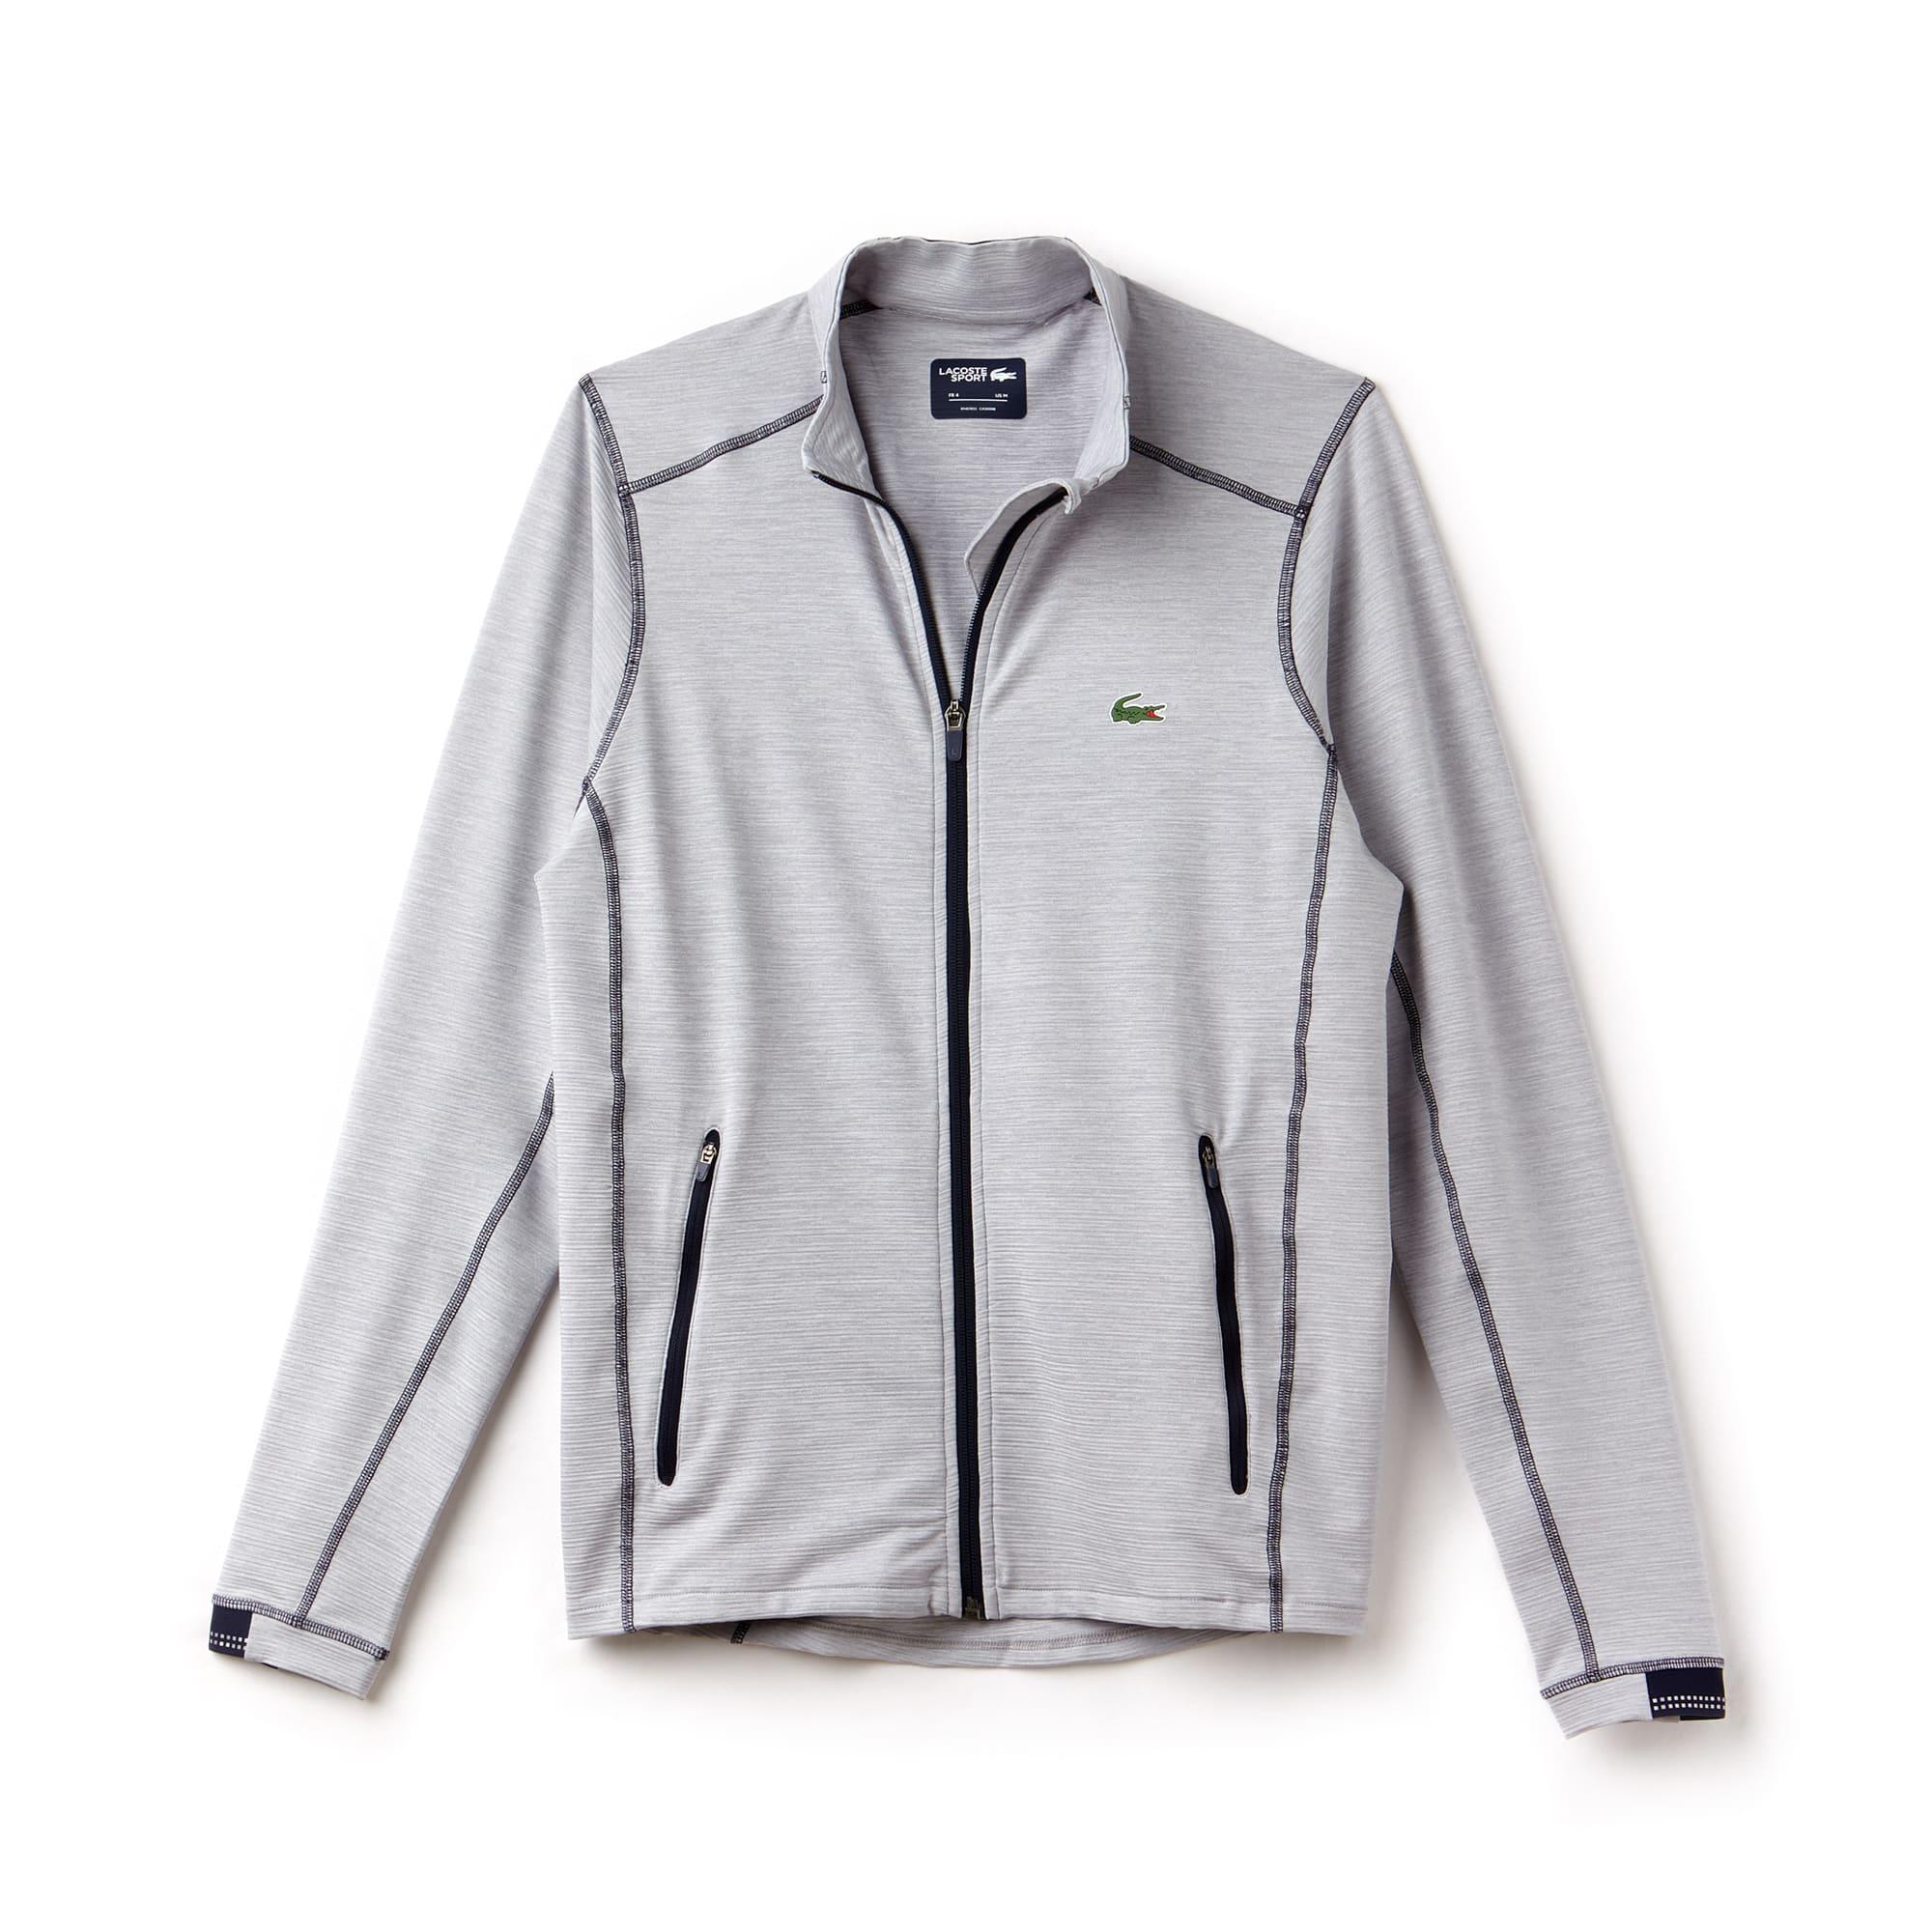 Men\u0027s SPORT Midlayer Golf Sweatshirt Men\u0027s SPORT Midlayer Golf Sweatshirt